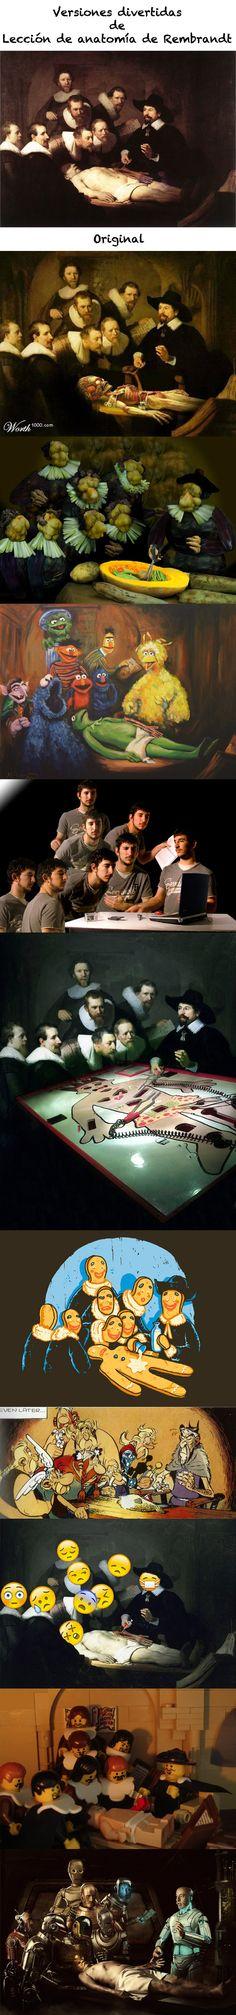 Versiones divertidas de Lección de anatomía de Rembrandt